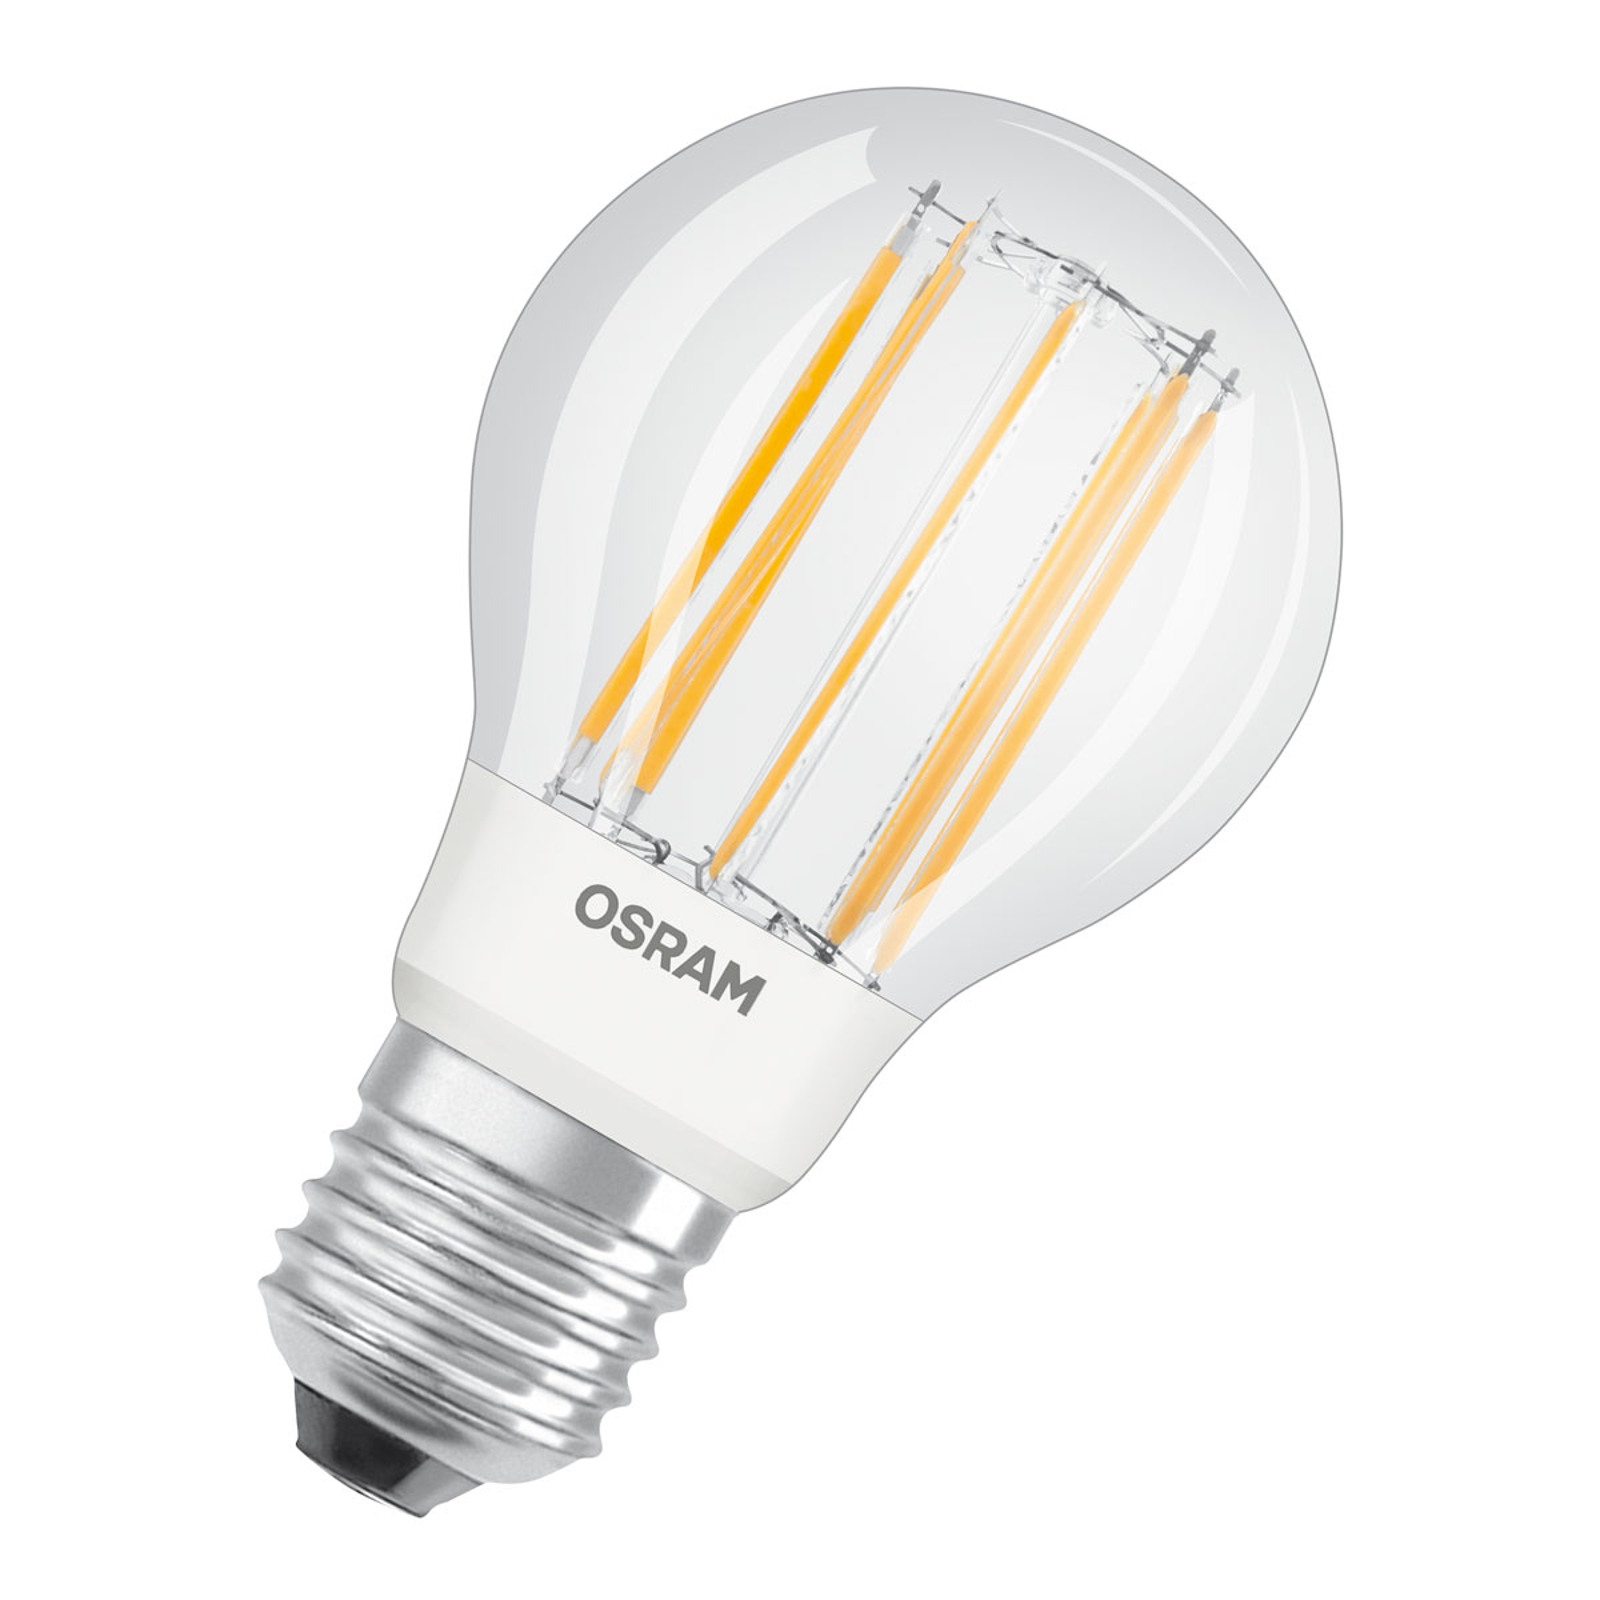 OSRAM LED-pære Classic filament 12 W klar 2700K